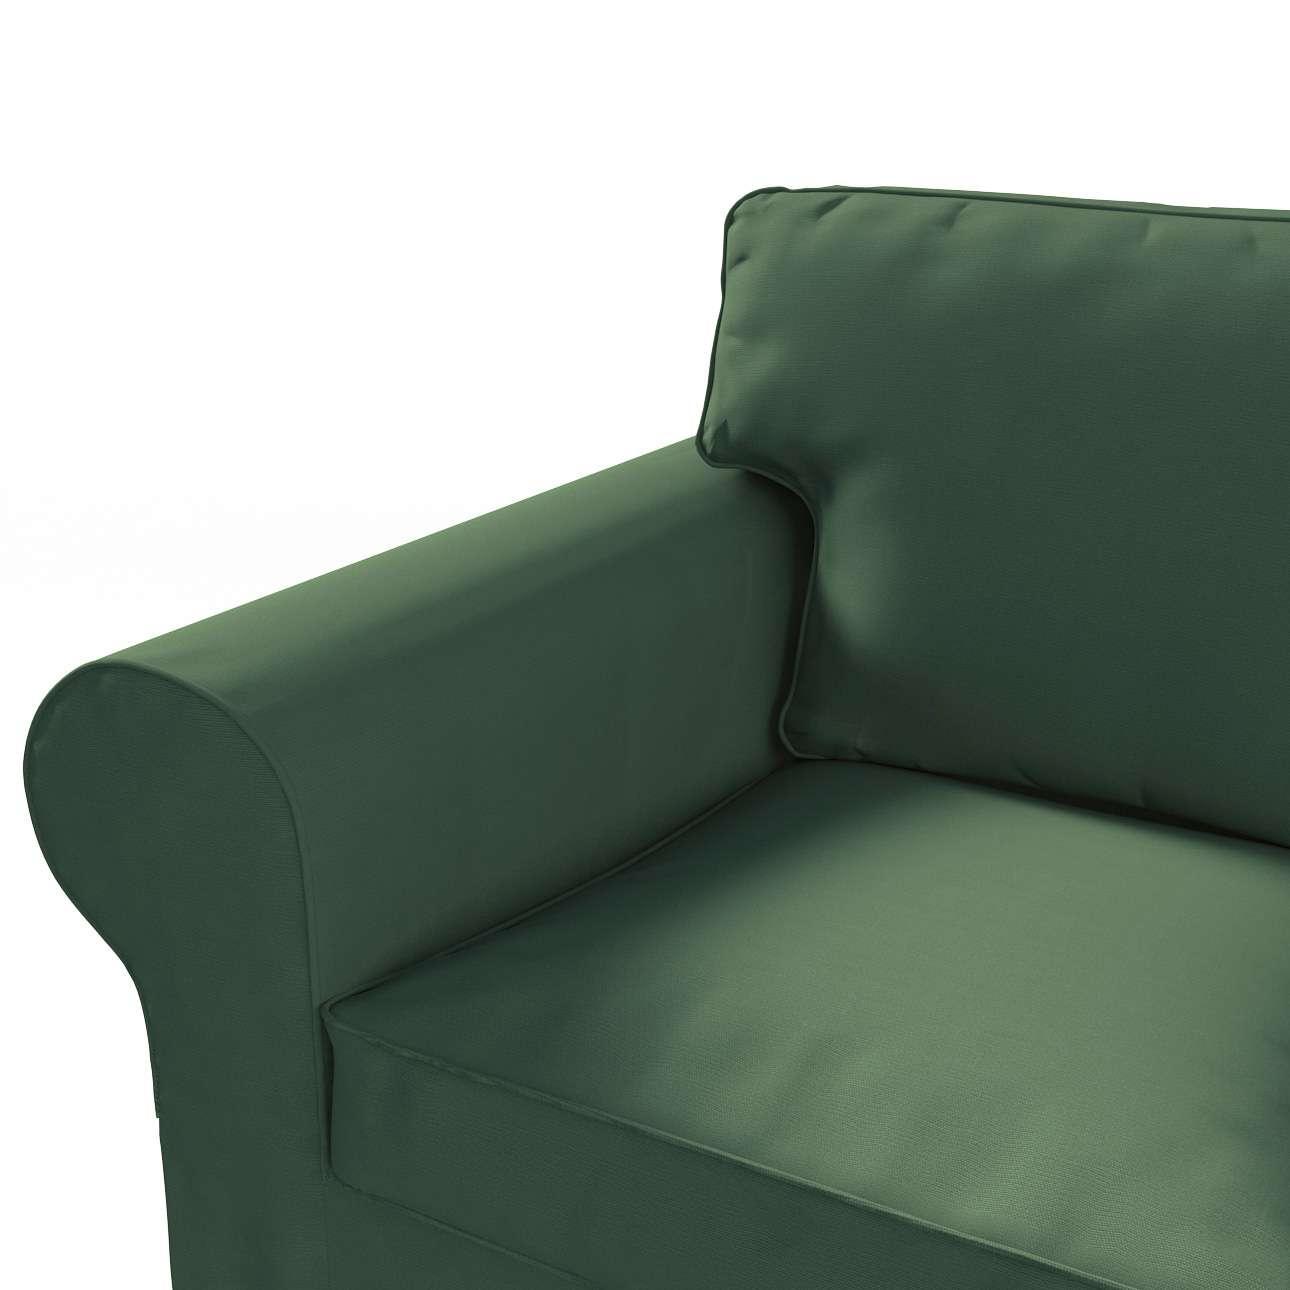 Ektorp 3-Sitzer Schlafsofabezug neues Modell (2013) von der Kollektion Cotton Panama, Stoff: 702-06